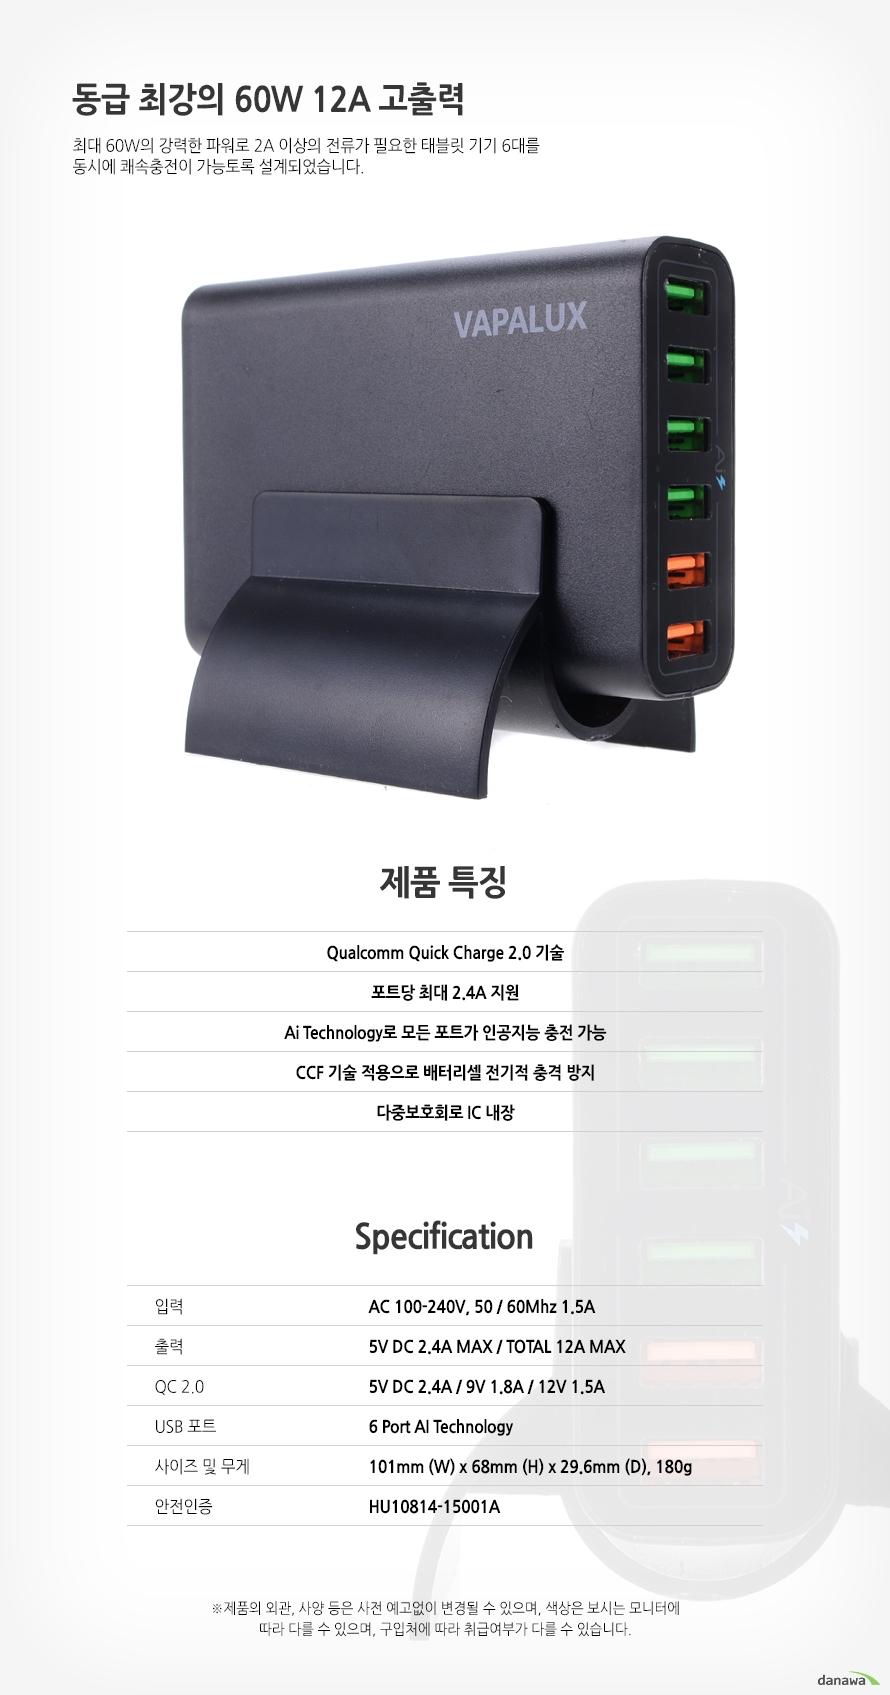 동급 최강의 60W 12A 고출력최대 60W의 강력한 파워로 2A 이상의 전류가 필요한 태블릿 기기 6대를동시에 쾌속충전이 가능토록 설계되었습니다제품 특징Qualcomm Quick Charge 2.0 기술포트당 최대 2.4A 지원Ai Technology로 모든 포트가 인공지능 충전 가능CCF 기술 적용으로 배터리셀 전기적 충격 방지다중보호회로 IC 내장Specification입력 AC 100-240V, 50 / 60Mhz 1.5A출력 5V DC 2.4A MAX / TOTAL 12A MAXQC 2.0 5V DC 2.4A / 9V 1.8A / 12V 1.5AUSB 포트 6 Port AI Technology사이즈 및 무게 101mm (W) x 68mm (H) x 29.6mm (D), 180g안전인증 HU10814-15001A※제품의 외관, 사양 등은 사전 예고없이 변경될 수 있으며, 색상은 보시는 모니터에 따라 다를 수 있으며, 구입처에 따라 취급여부가 다를 수 있습니다.